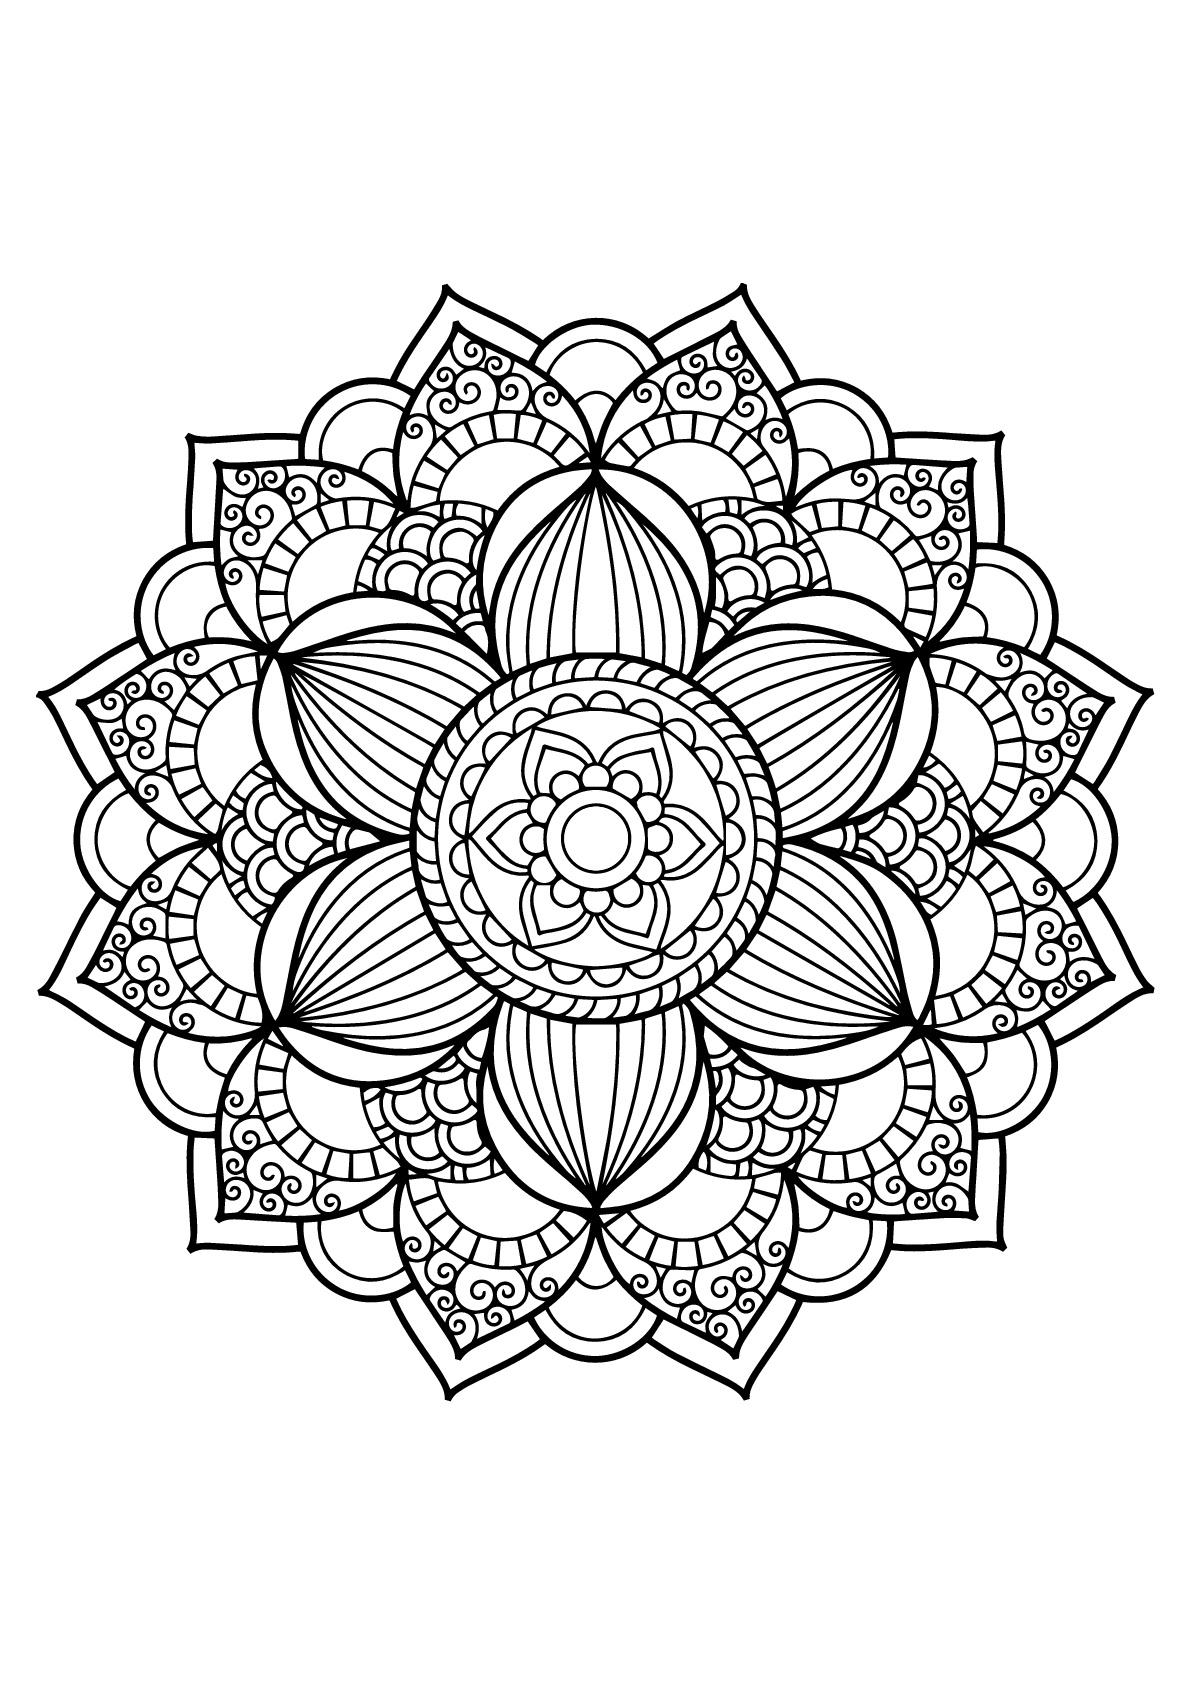 Mandala Livre Gratuit 17 - Mandalas - Coloriages encequiconcerne Coloriage